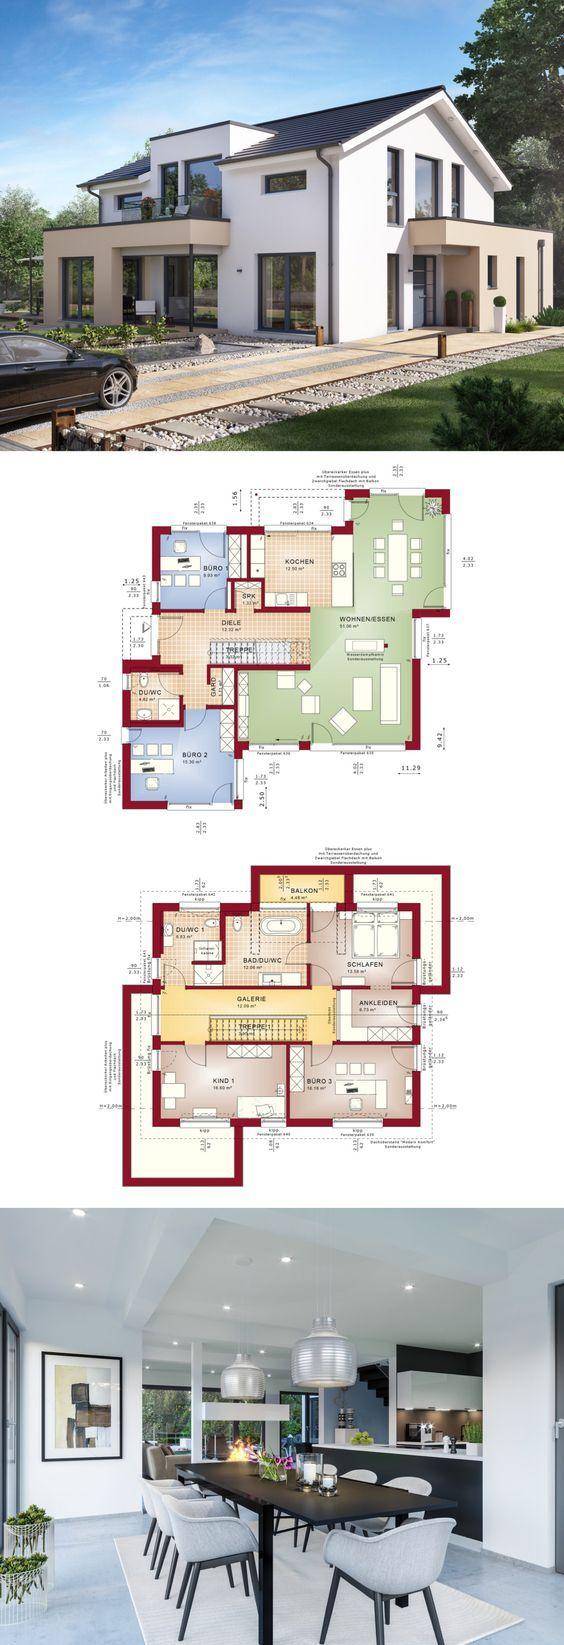 Modernes Design Haus Mit Satteldach Fertighaus Concept M 155 Bien Zenker Einfamilienhaus Bauen Grundriss Modern Offene Kuche Sepa Hausbau Grundriss